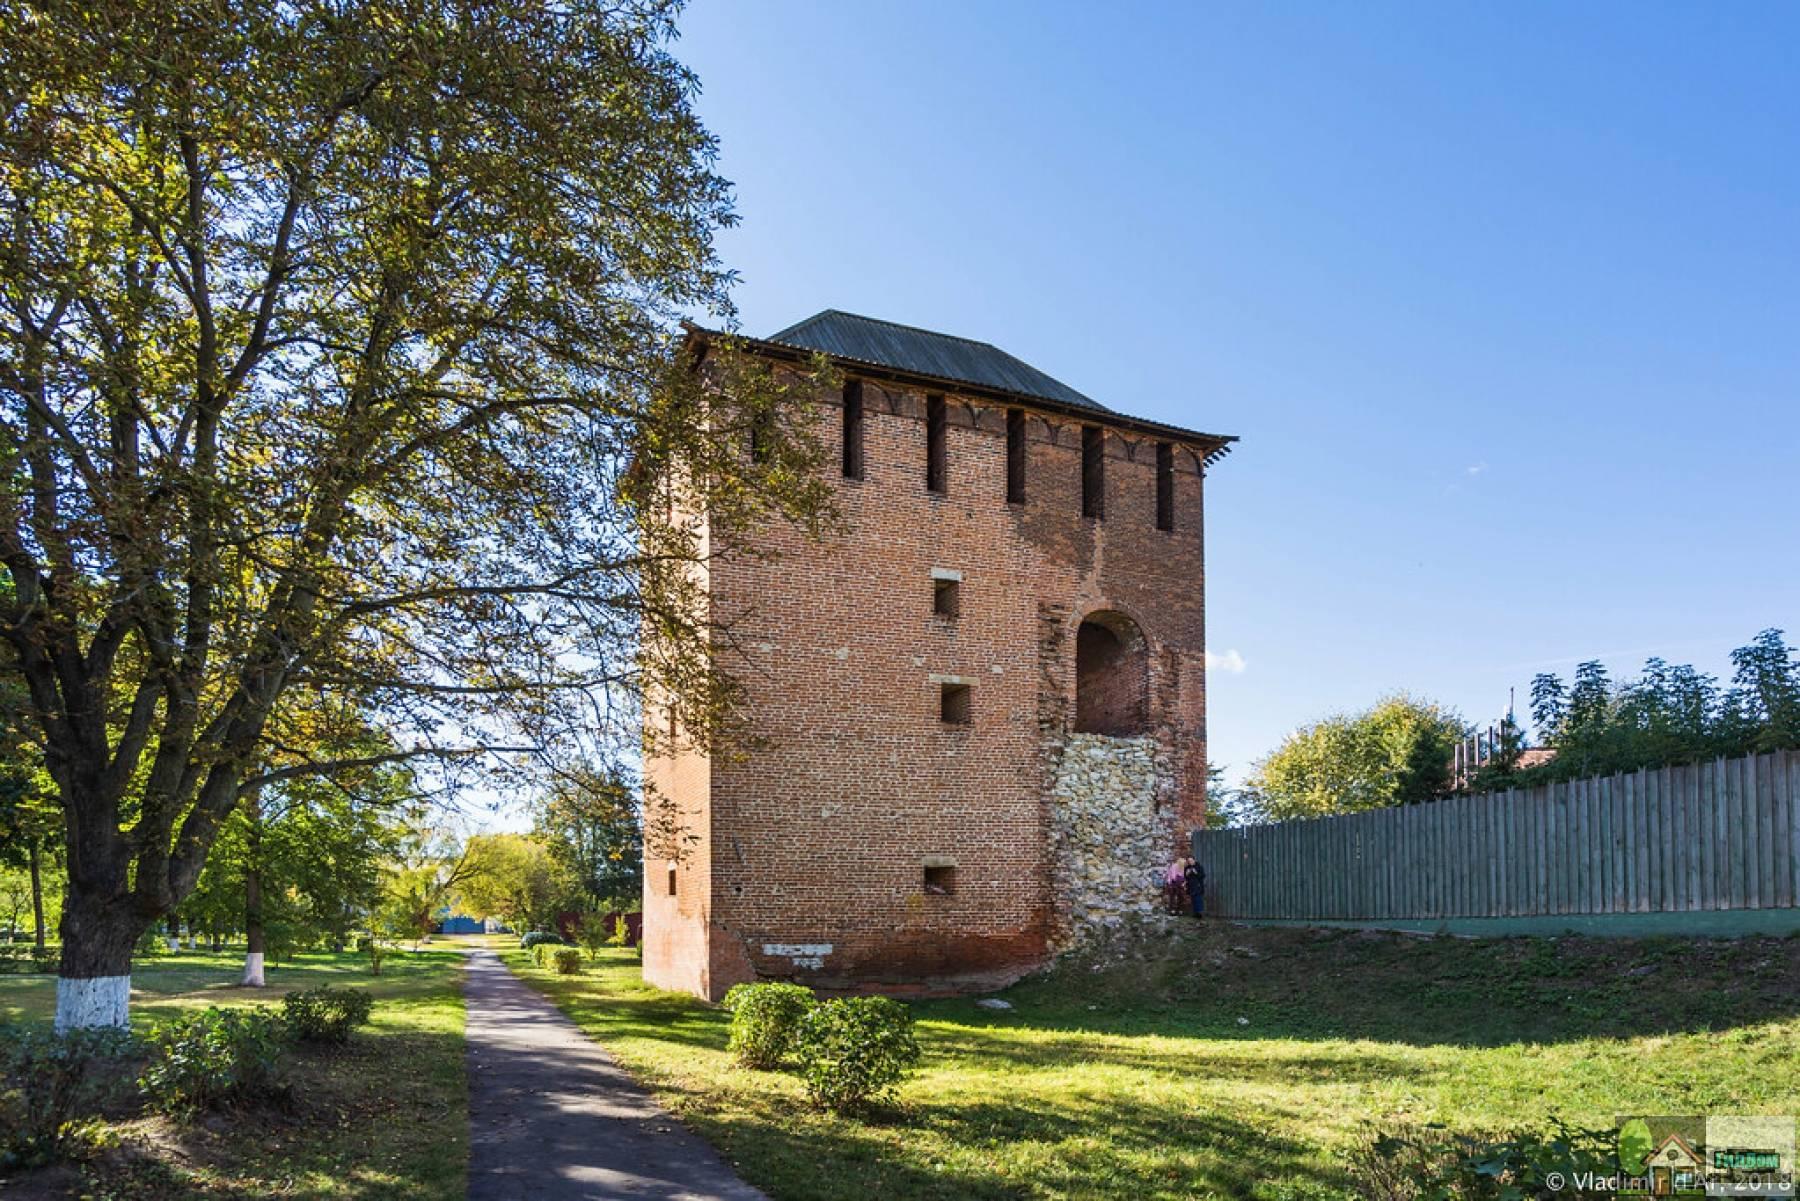 Семёновская (Семионовская) башня. Снимок загружен из открытых источников. Автор неизвестен.